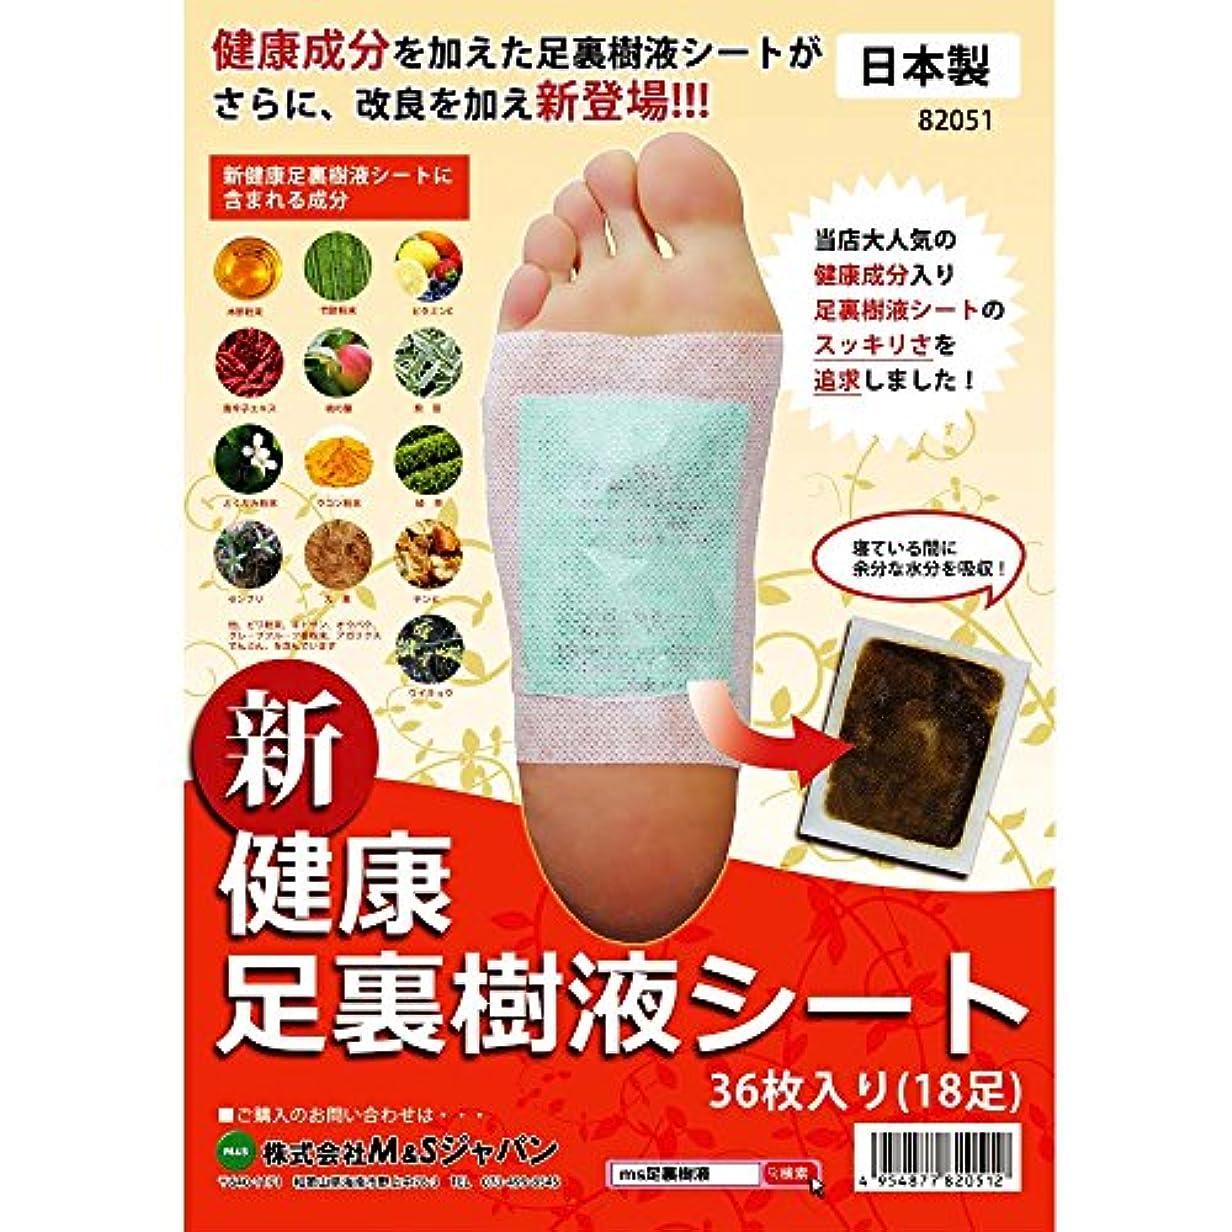 日本製 新健康足裏樹液シート M&Sジャパン 樹液 シート フット ケア 足ツボ